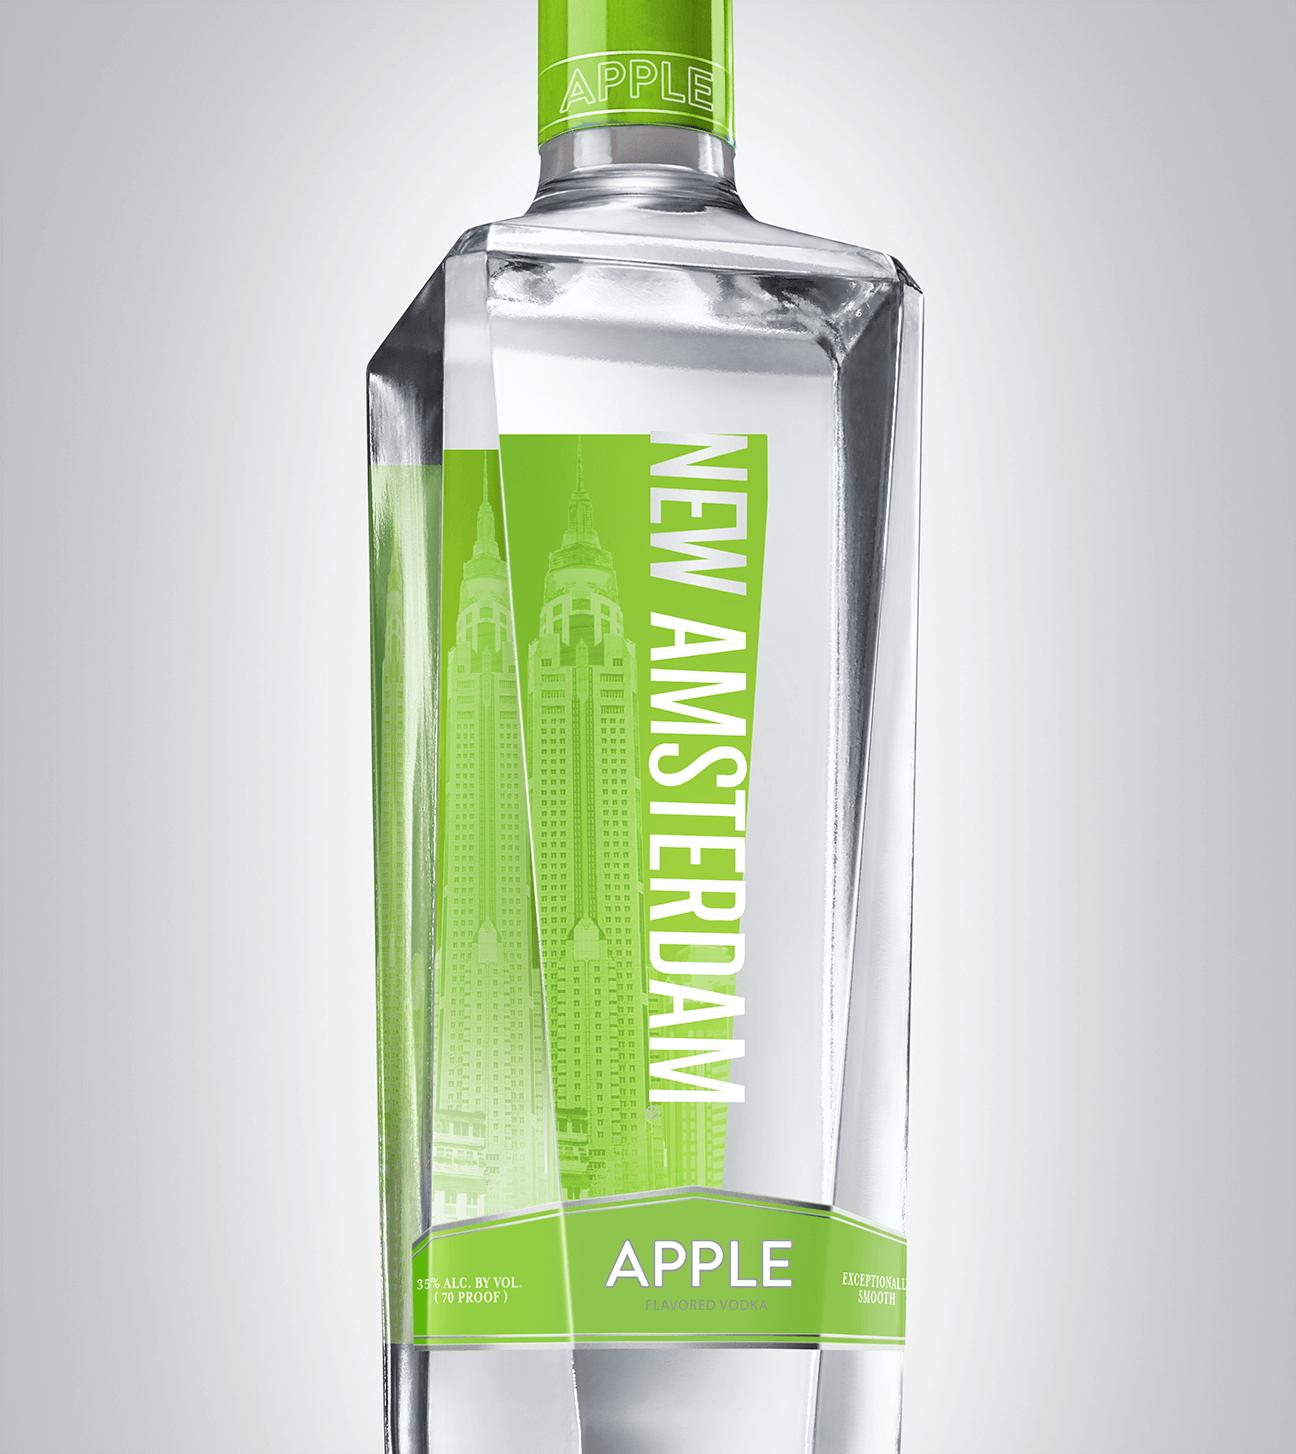 Bottle of New Amsterdam Apple